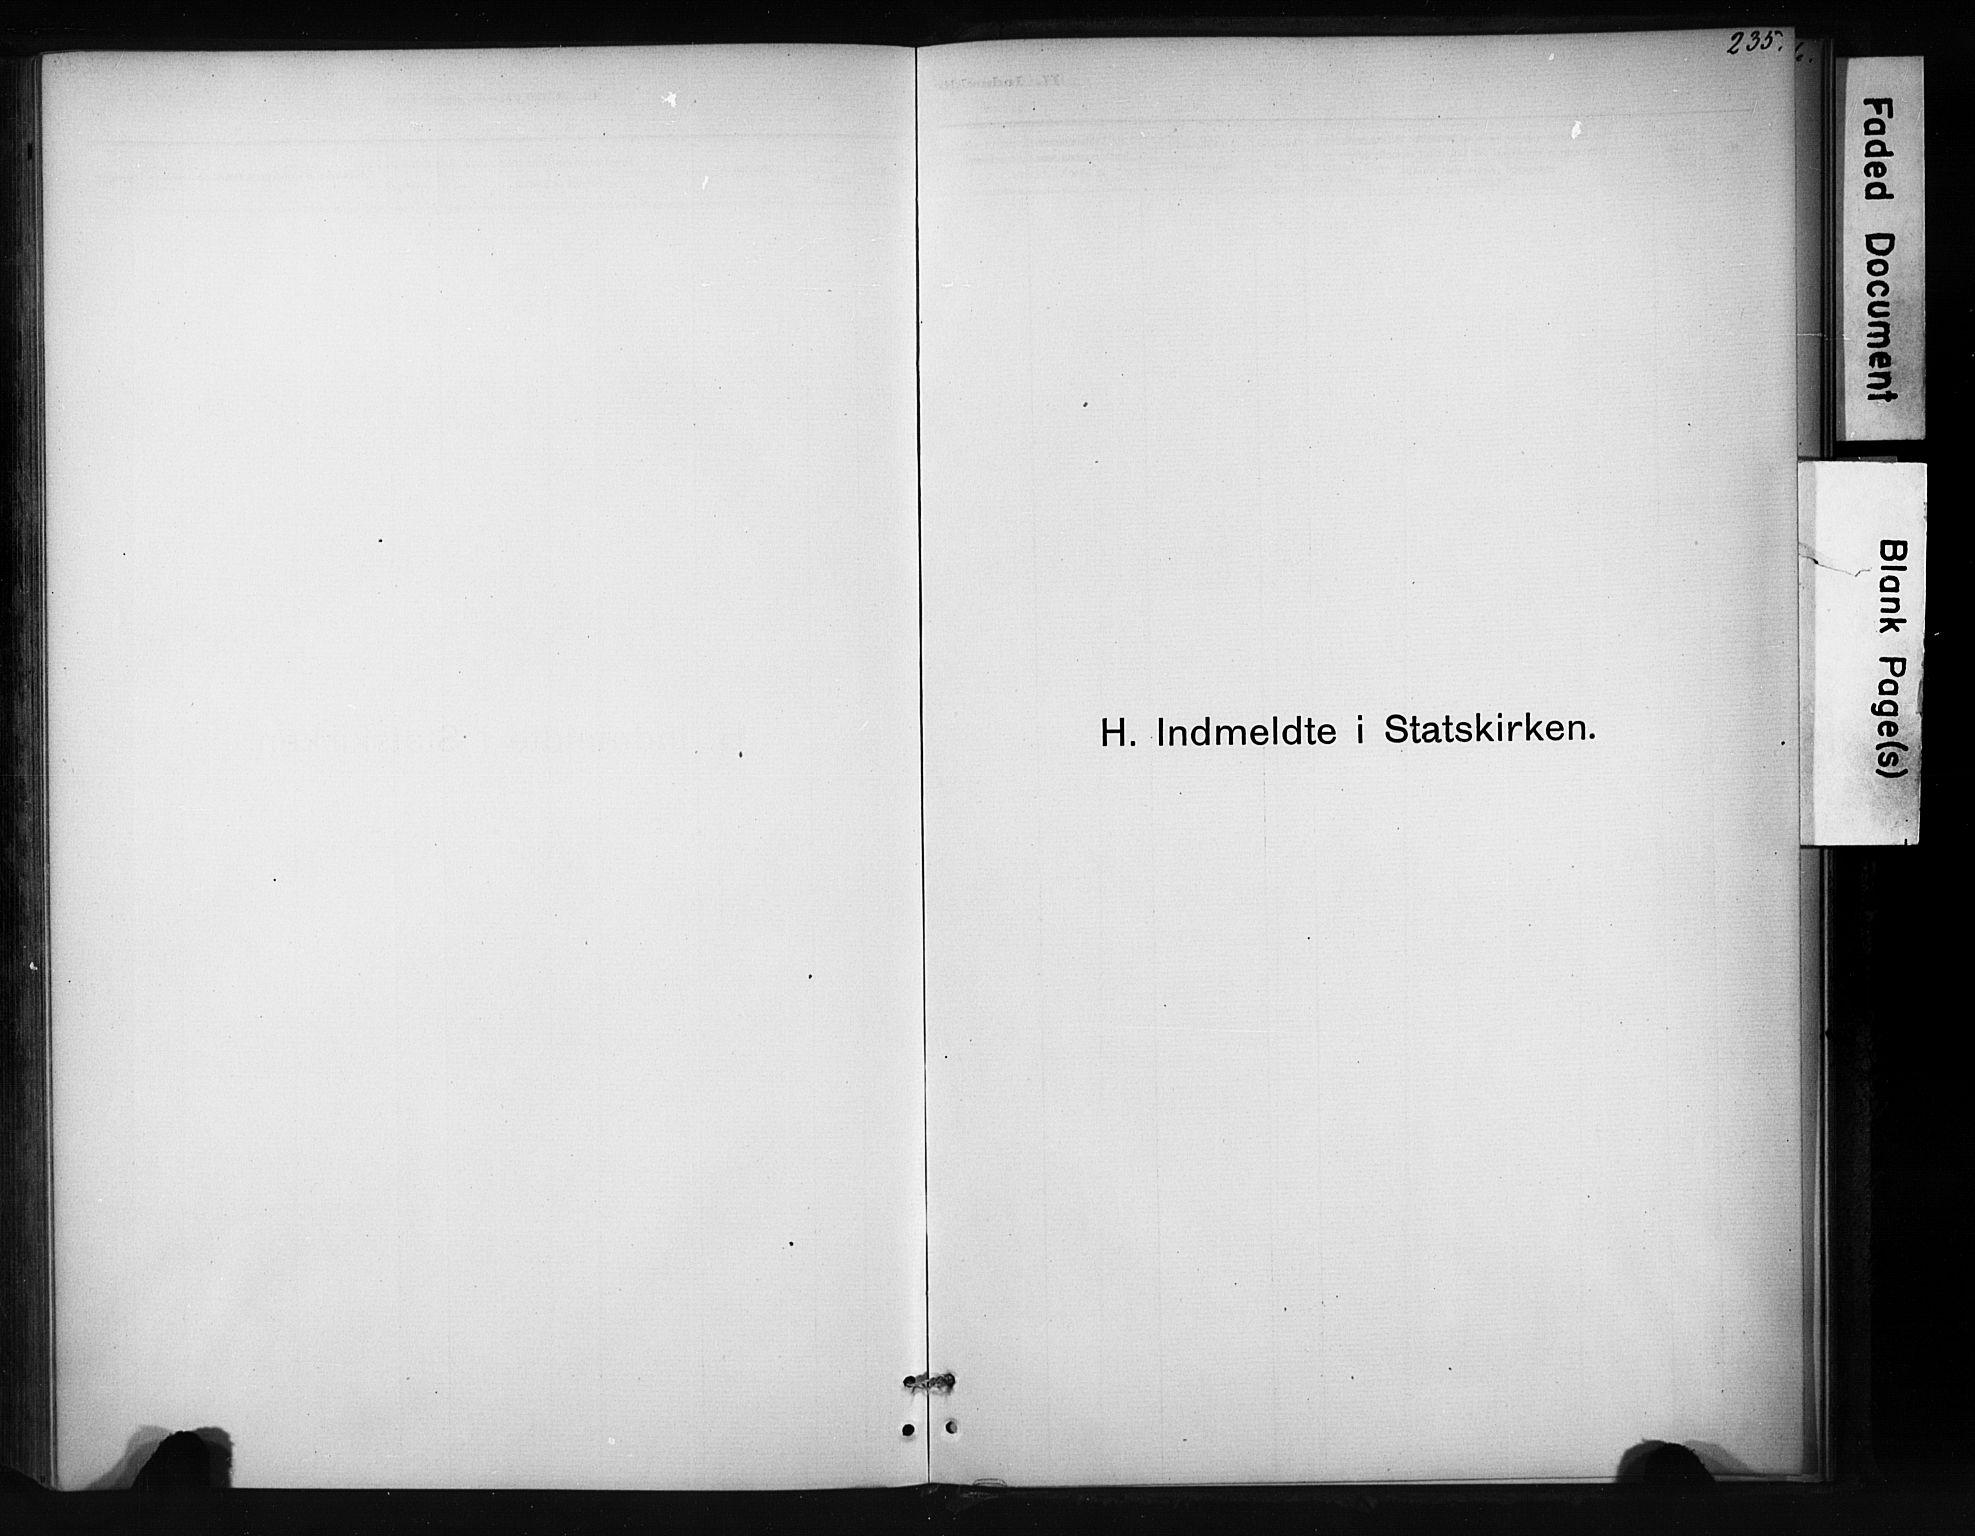 SAT, Ministerialprotokoller, klokkerbøker og fødselsregistre - Sør-Trøndelag, 694/L1127: Ministerialbok nr. 694A01, 1887-1905, s. 235